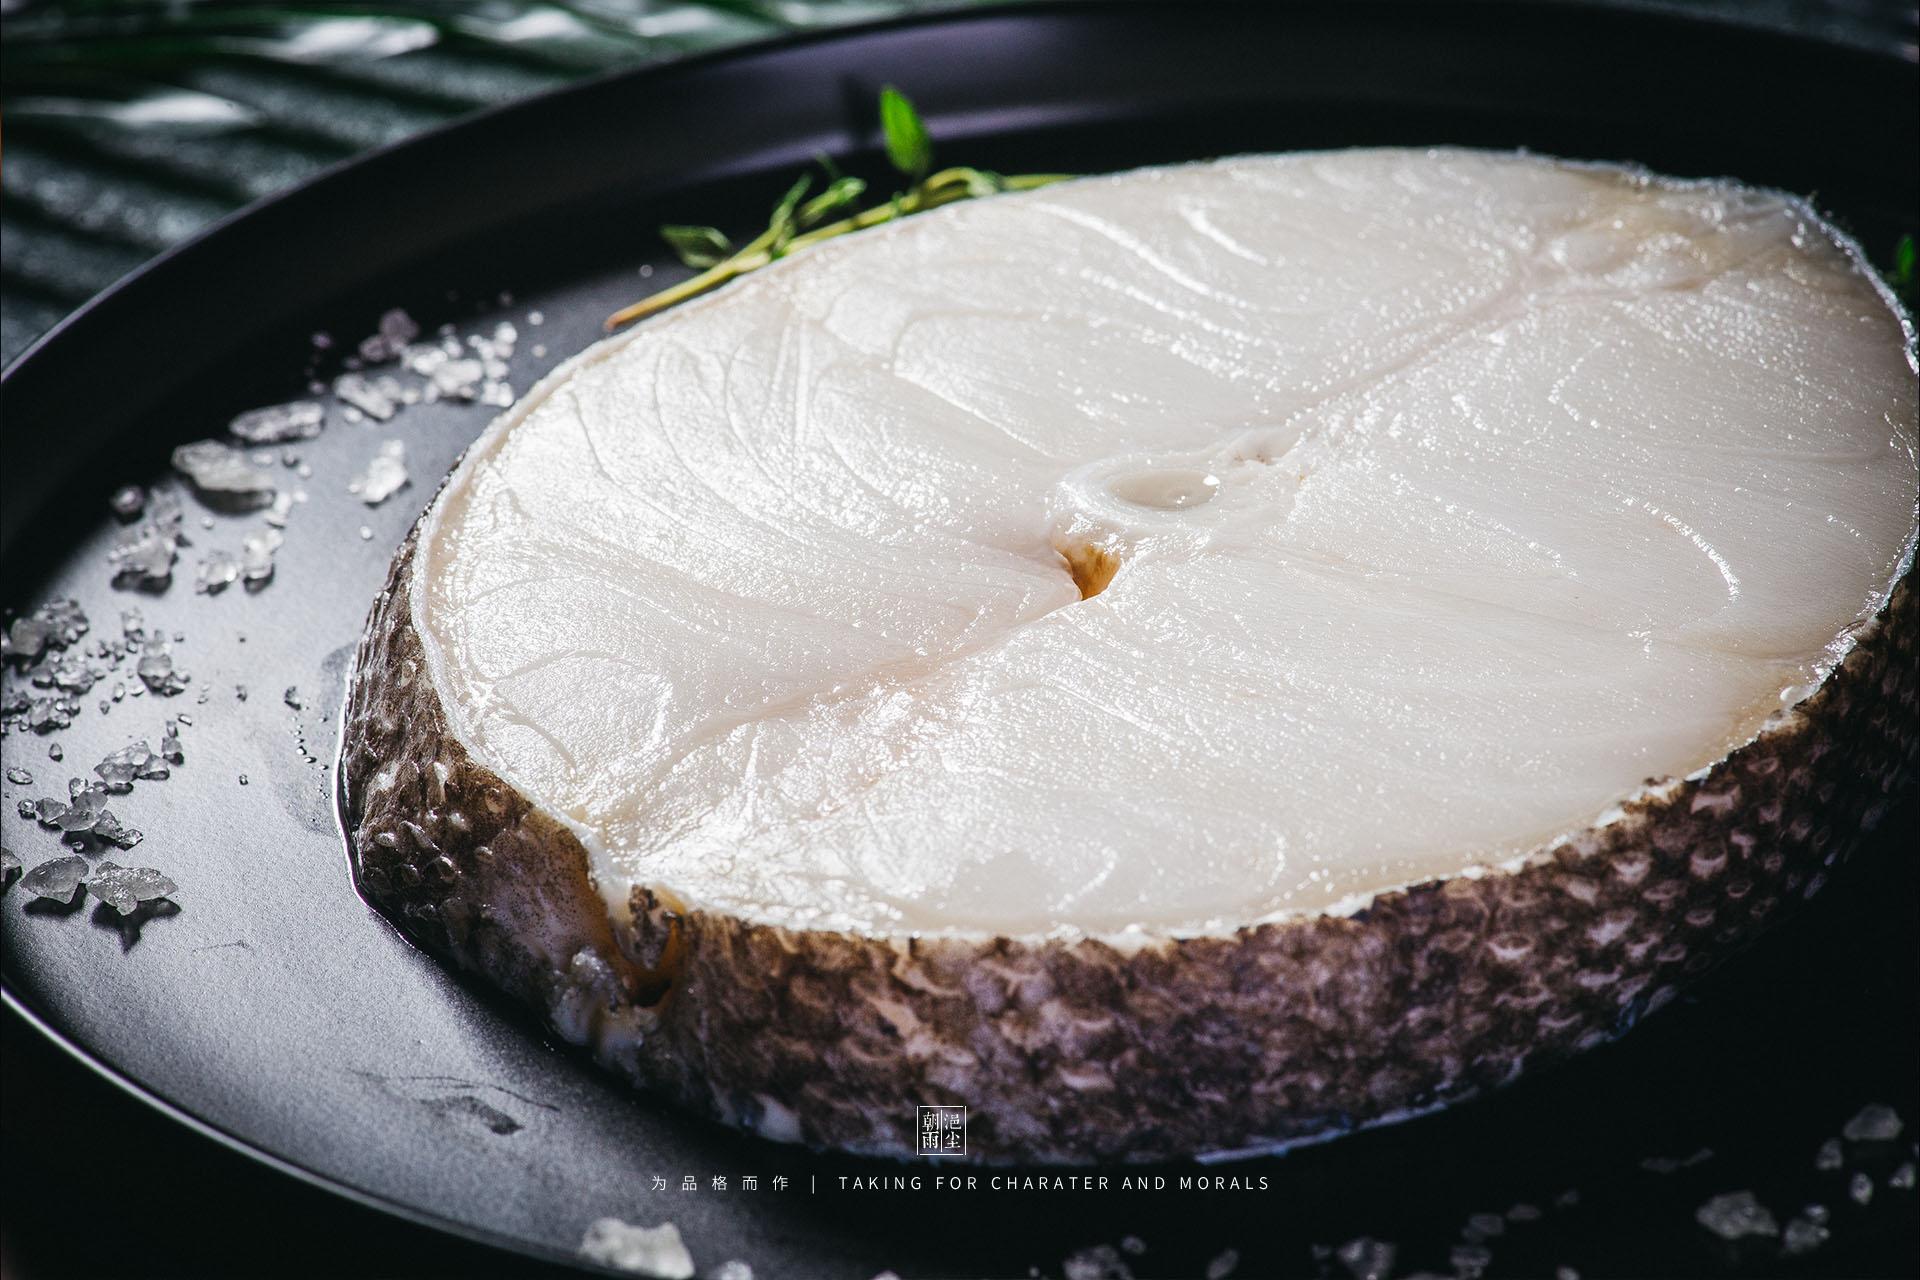 003-食品摄影-鳕鱼1